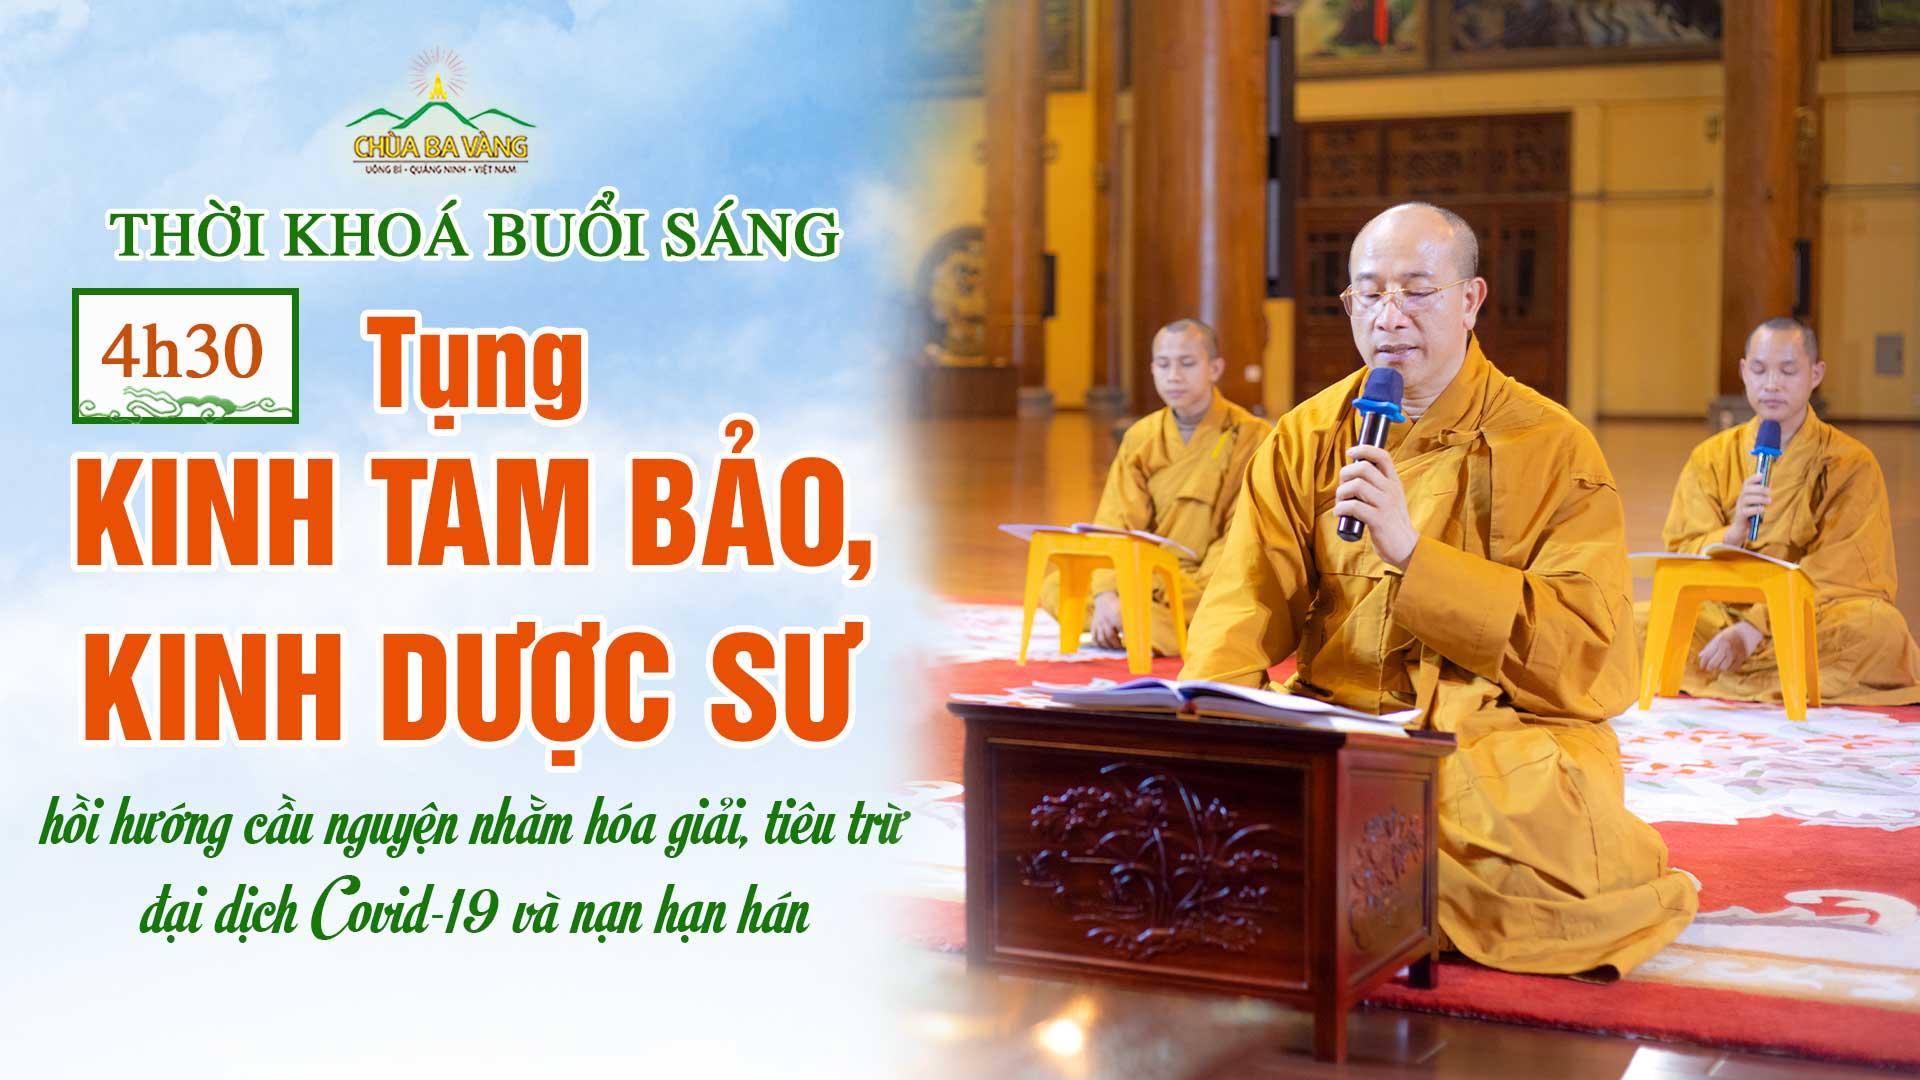 [Ngày 31 – Khóa lễ sáng] Chương trình dành cho Phật tử tu tập tại nhà hồi hướng cầu nguyện nhằm hóa giải, tiêu trừ đại dịch COVID-19 và nạn hạn hán